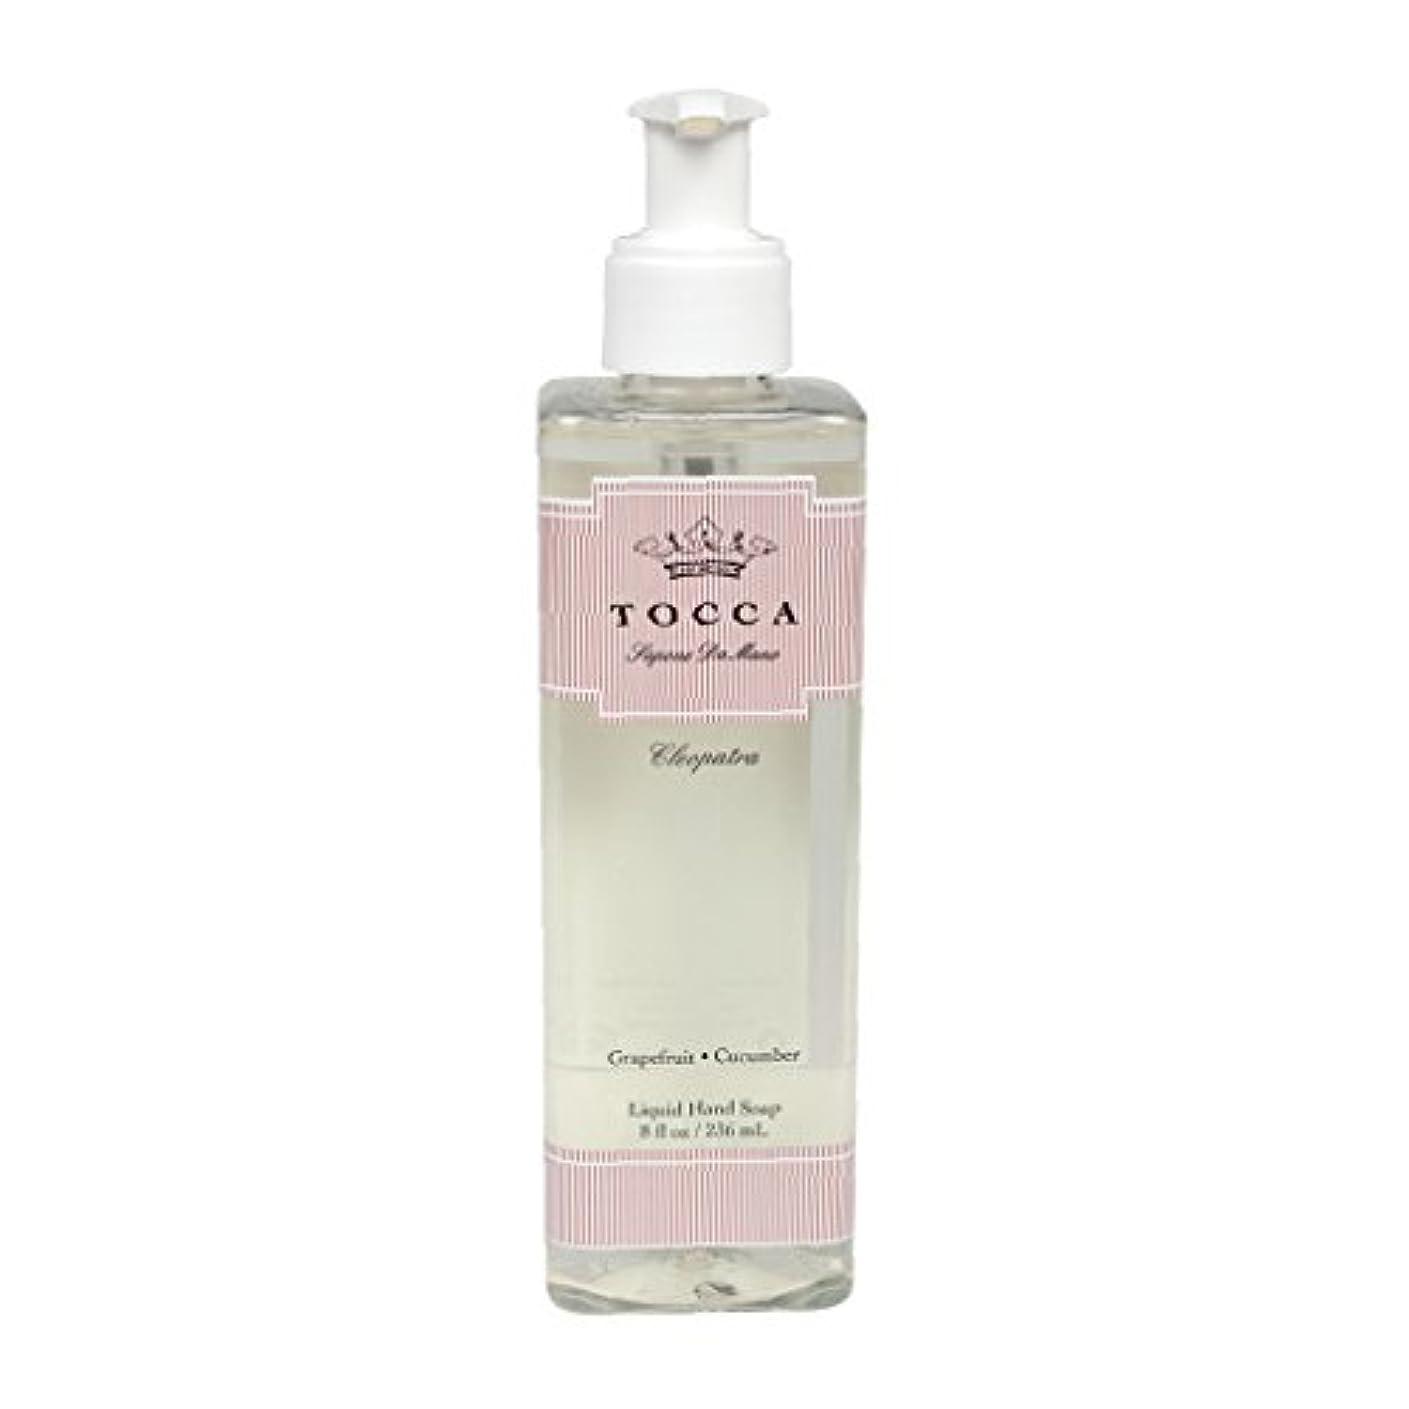 状況おもてなし科学者トッカ(TOCCA) ハンドソープ クレオパトラの香り 236ml(手洗用 ポンプタイプ グレープフルーツとキューカンバーのフレッシュでクリーンな香り)